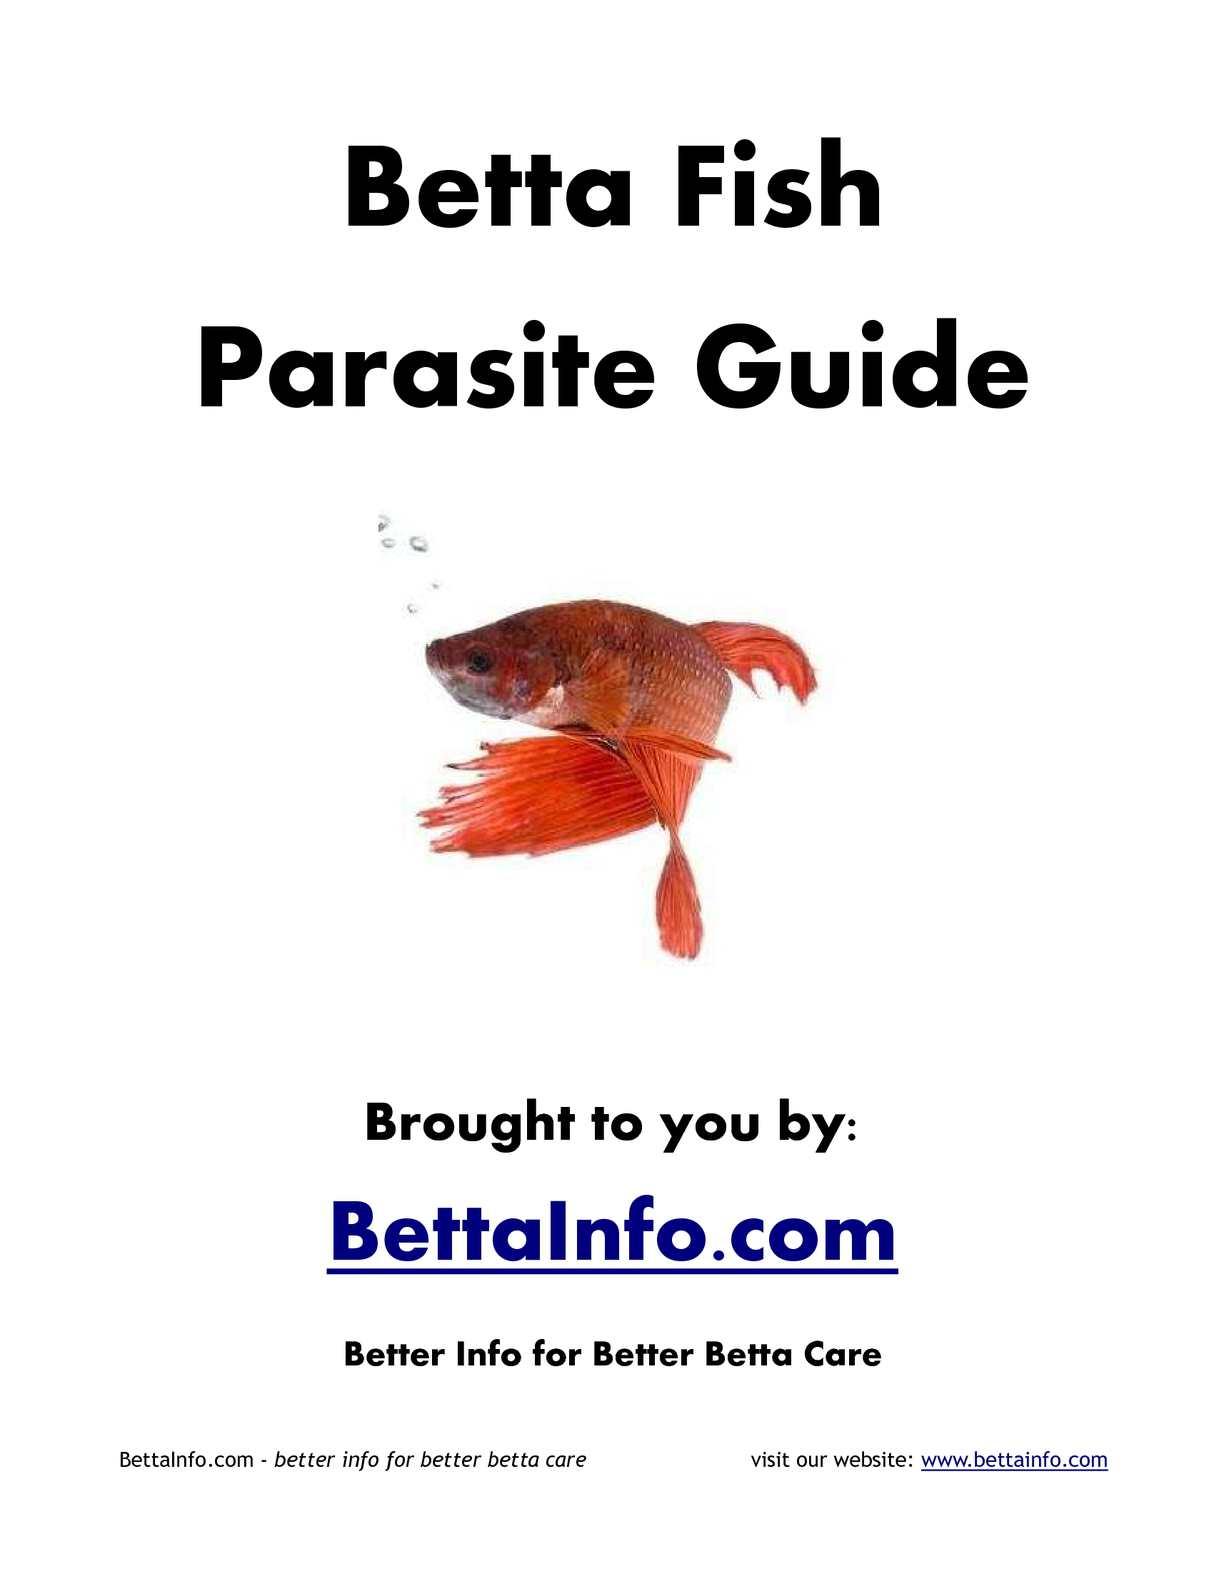 Calaméo - Betta Fish Parasite Guide